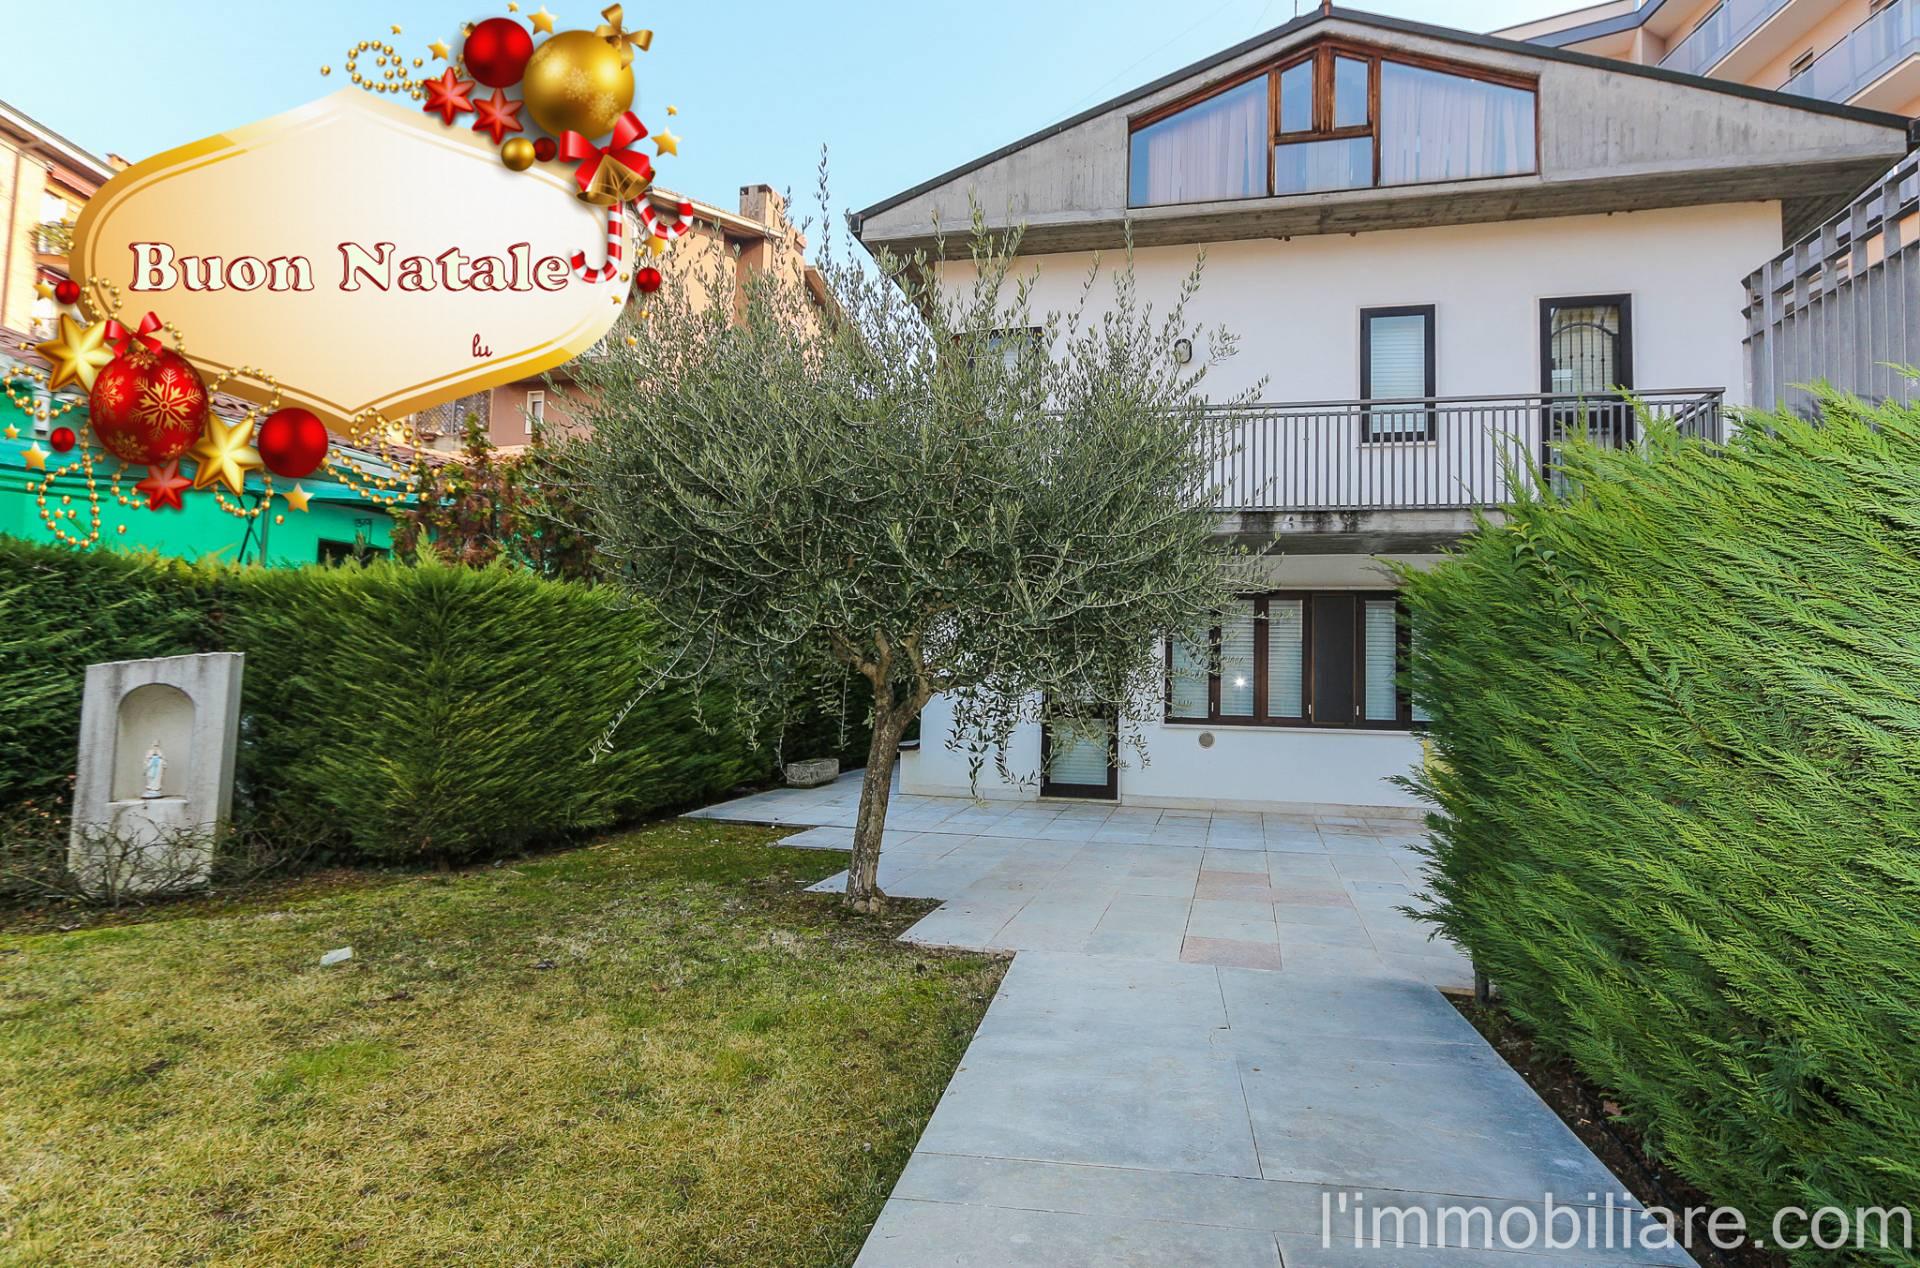 Villa in Vendita a Verona Semicentro Nord: 5 locali, 212 mq